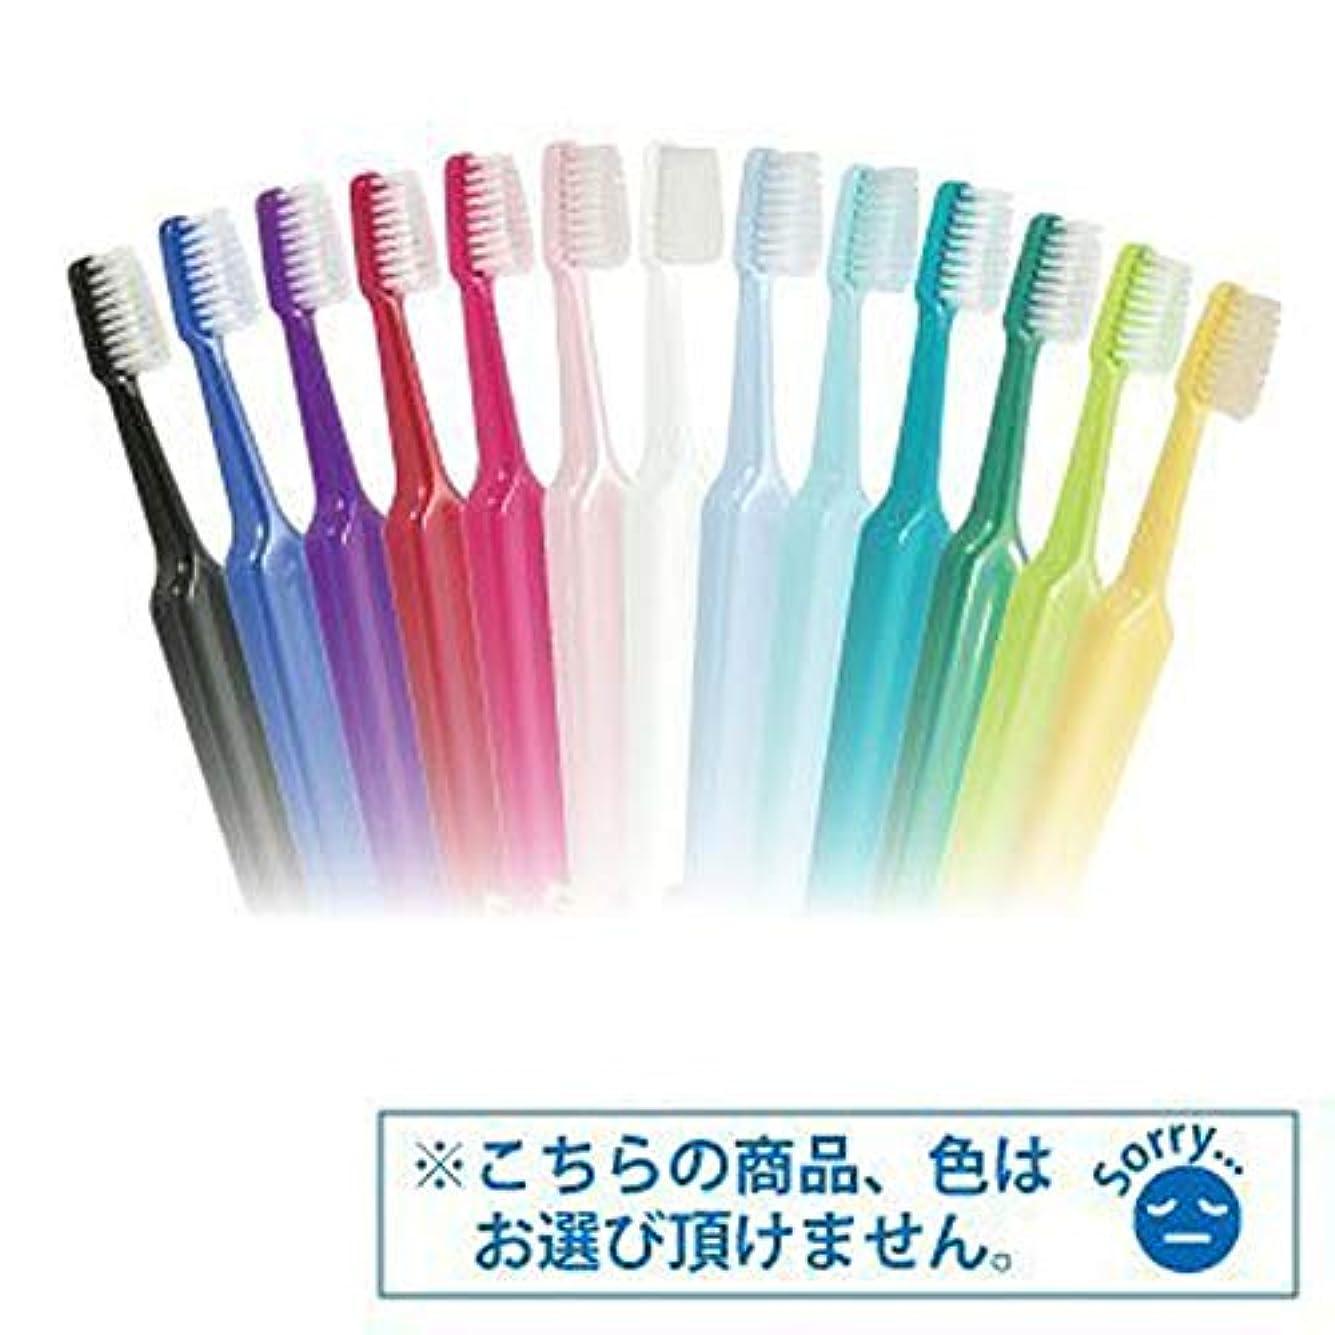 ショートテキスト機械的にTePe テペ セレクトコンパクト コンパクトミディアム 歯ブラシ 50本